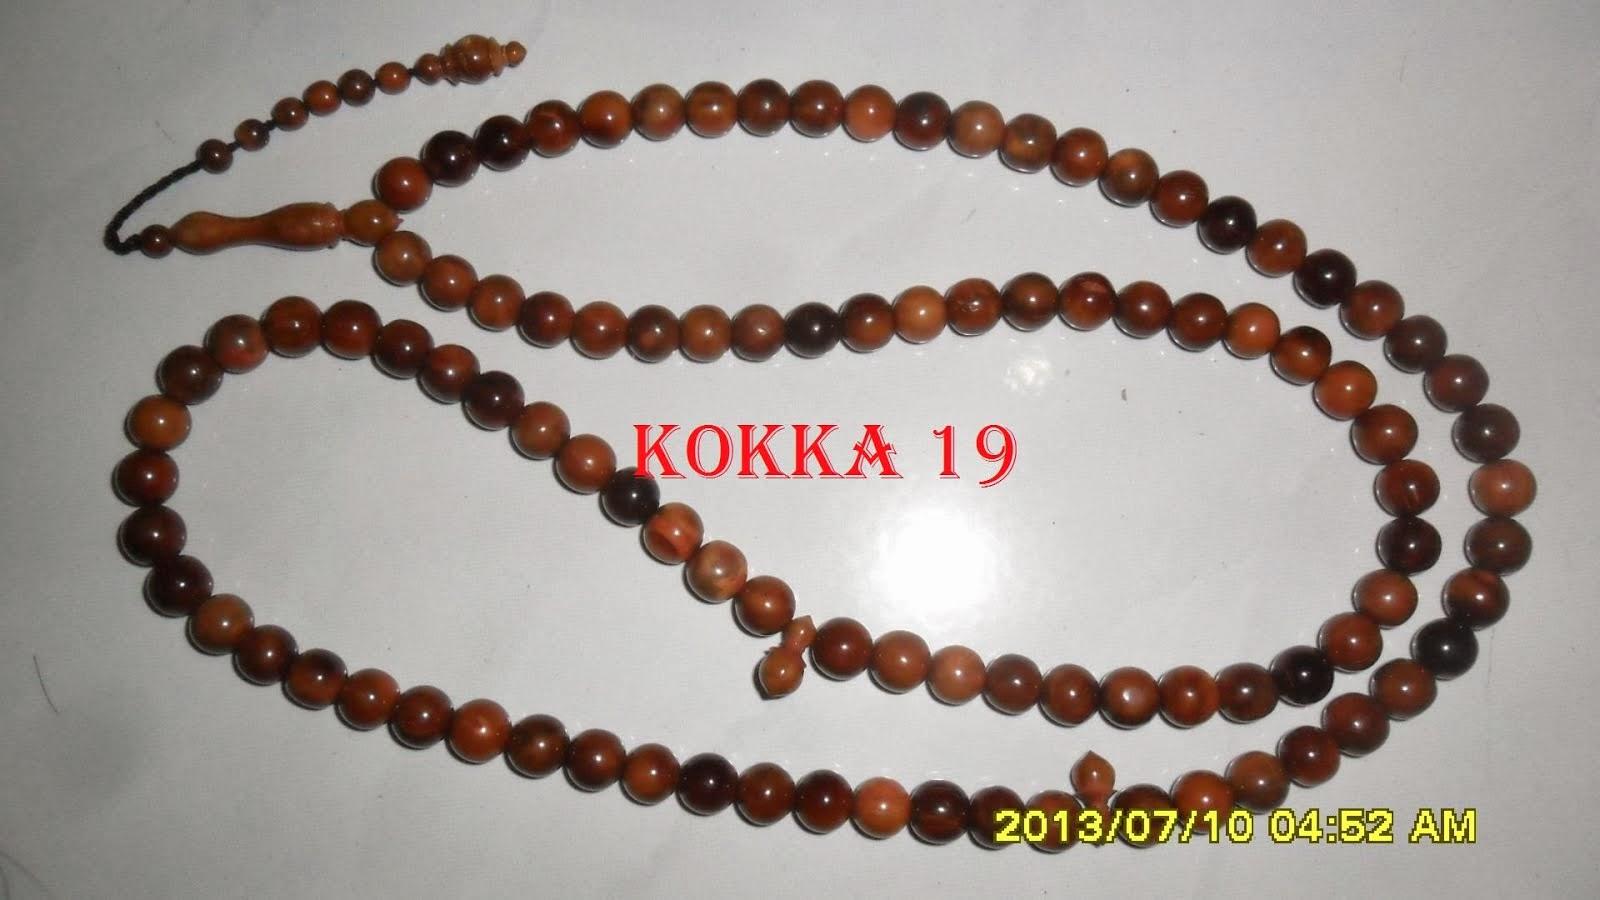 KOKKA 19